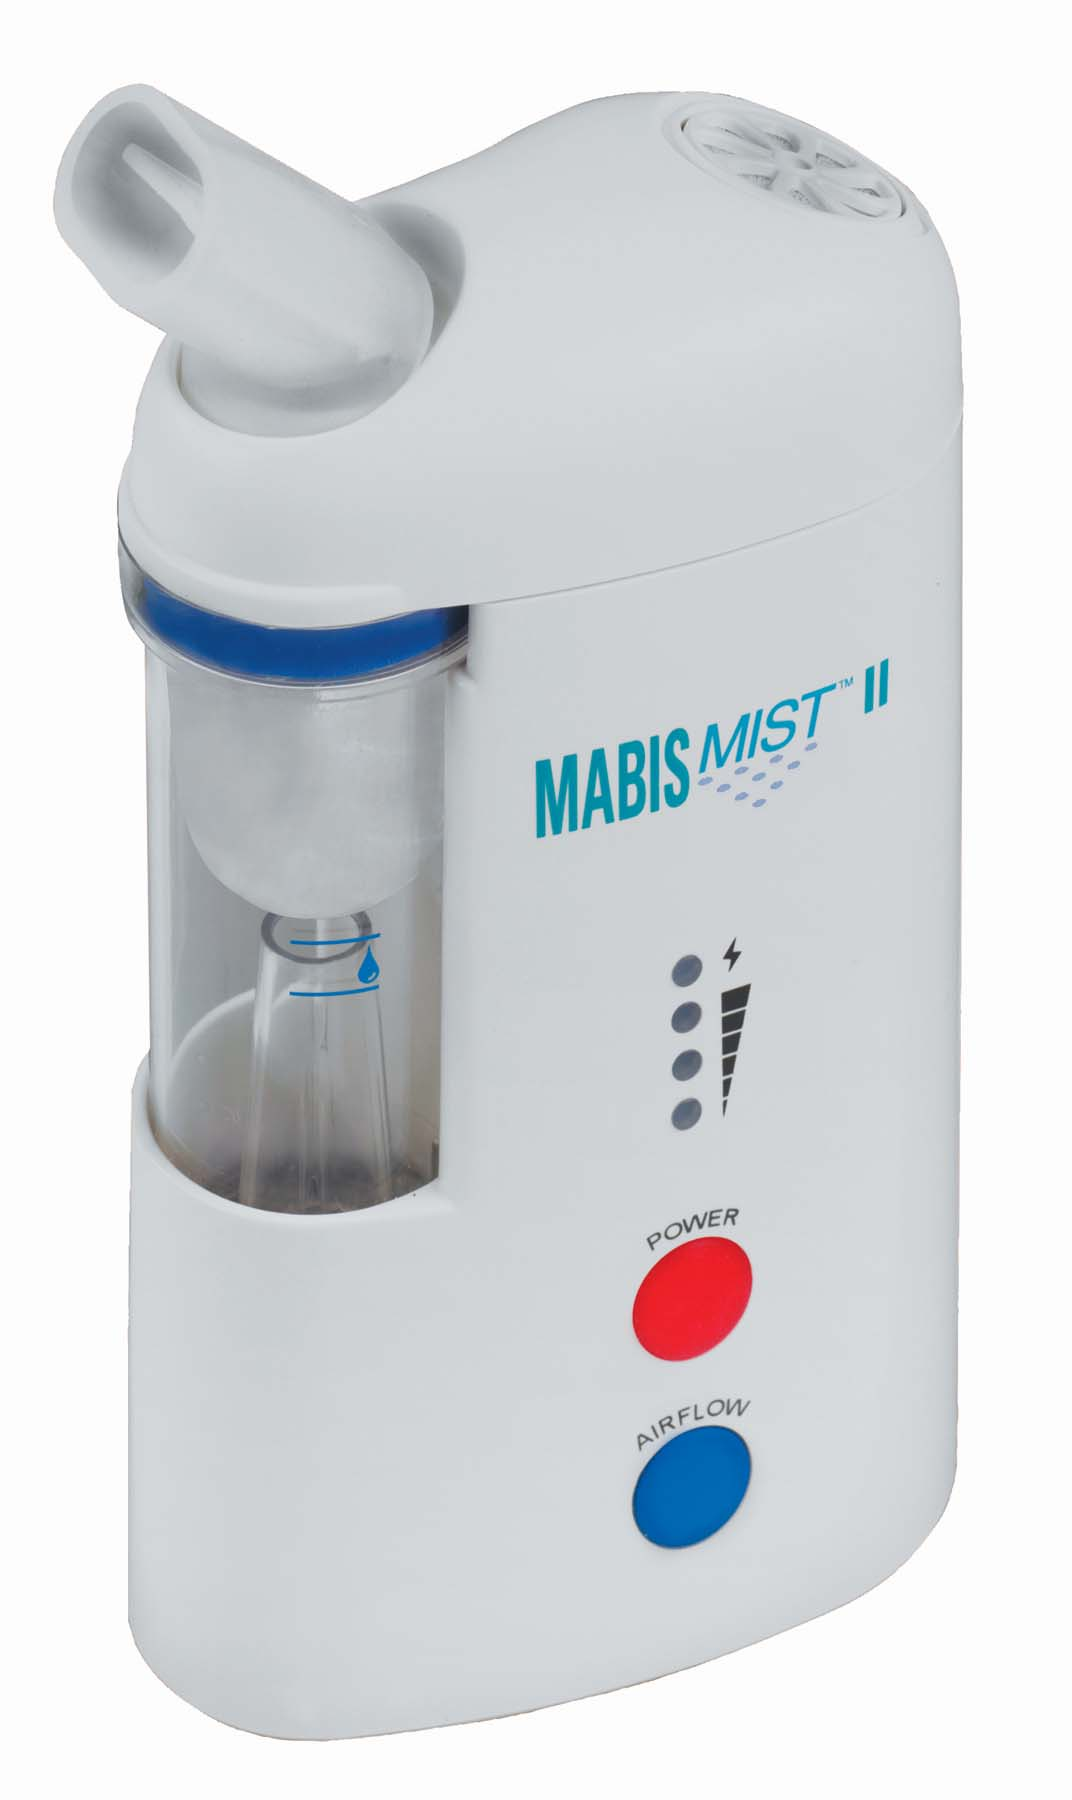 battery-pack-for-mabismist-ii-ultrasonic-nebulizer-40-277-012-lr.jpg